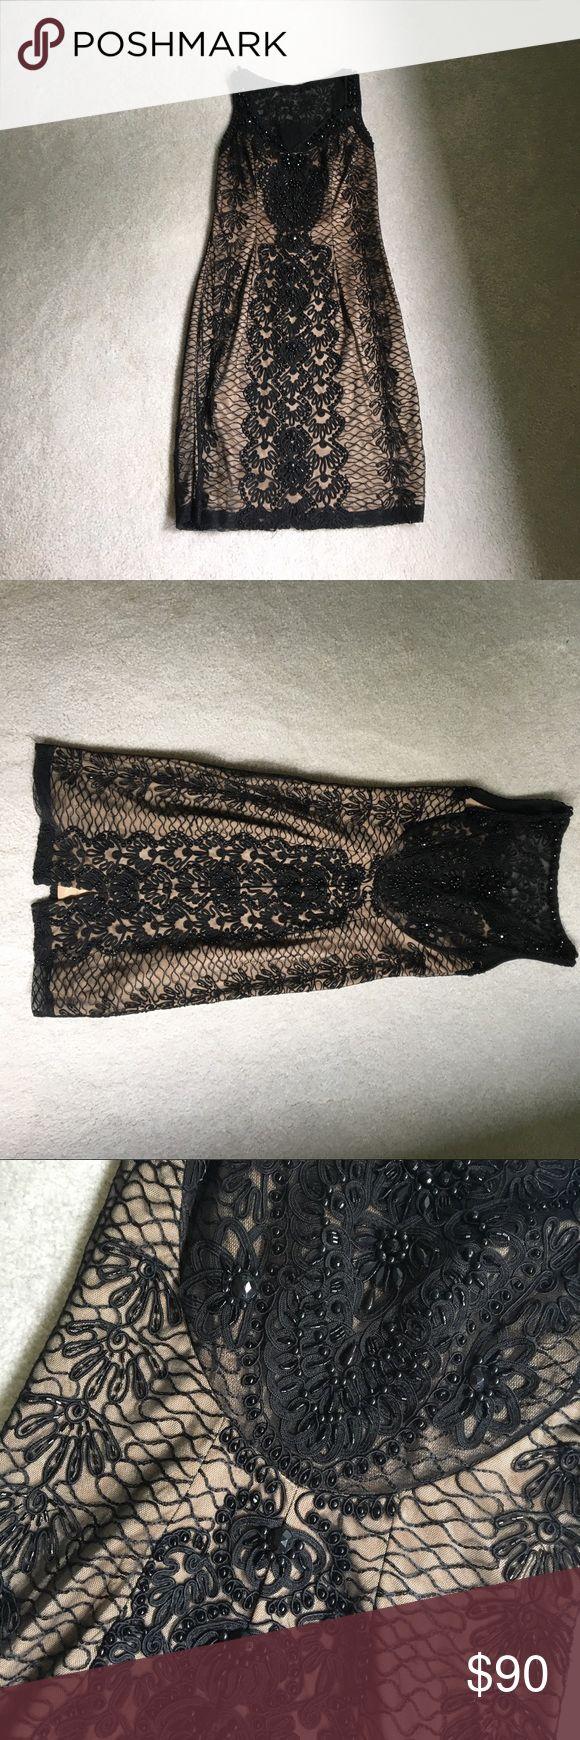 Sue Wong lace black dress Lace and sparkle embellished tan and black dress Sue Wong Dresses Mini